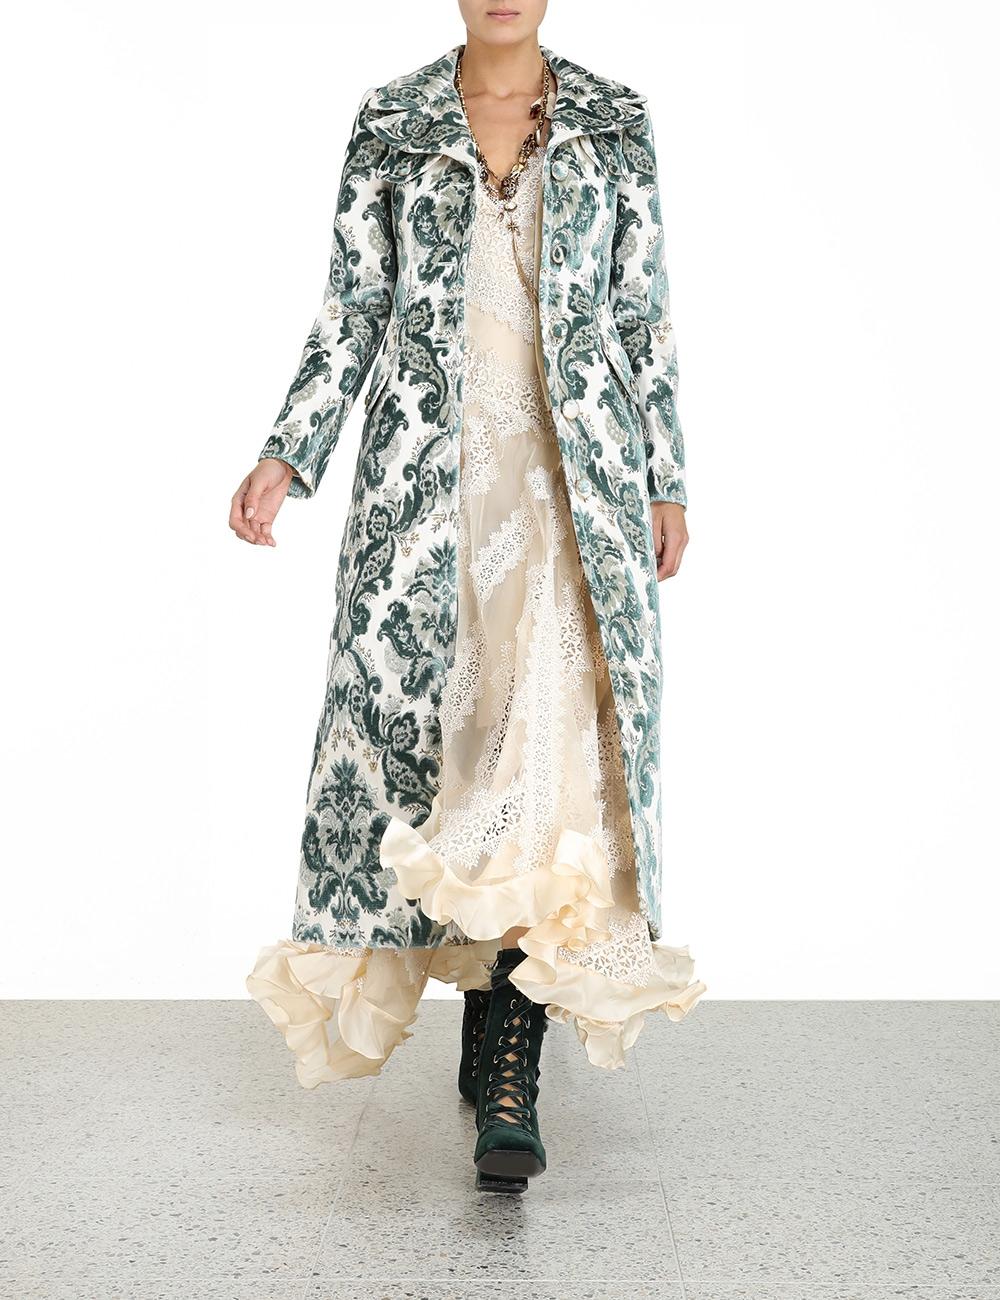 Ladybeetle Baroque Coat